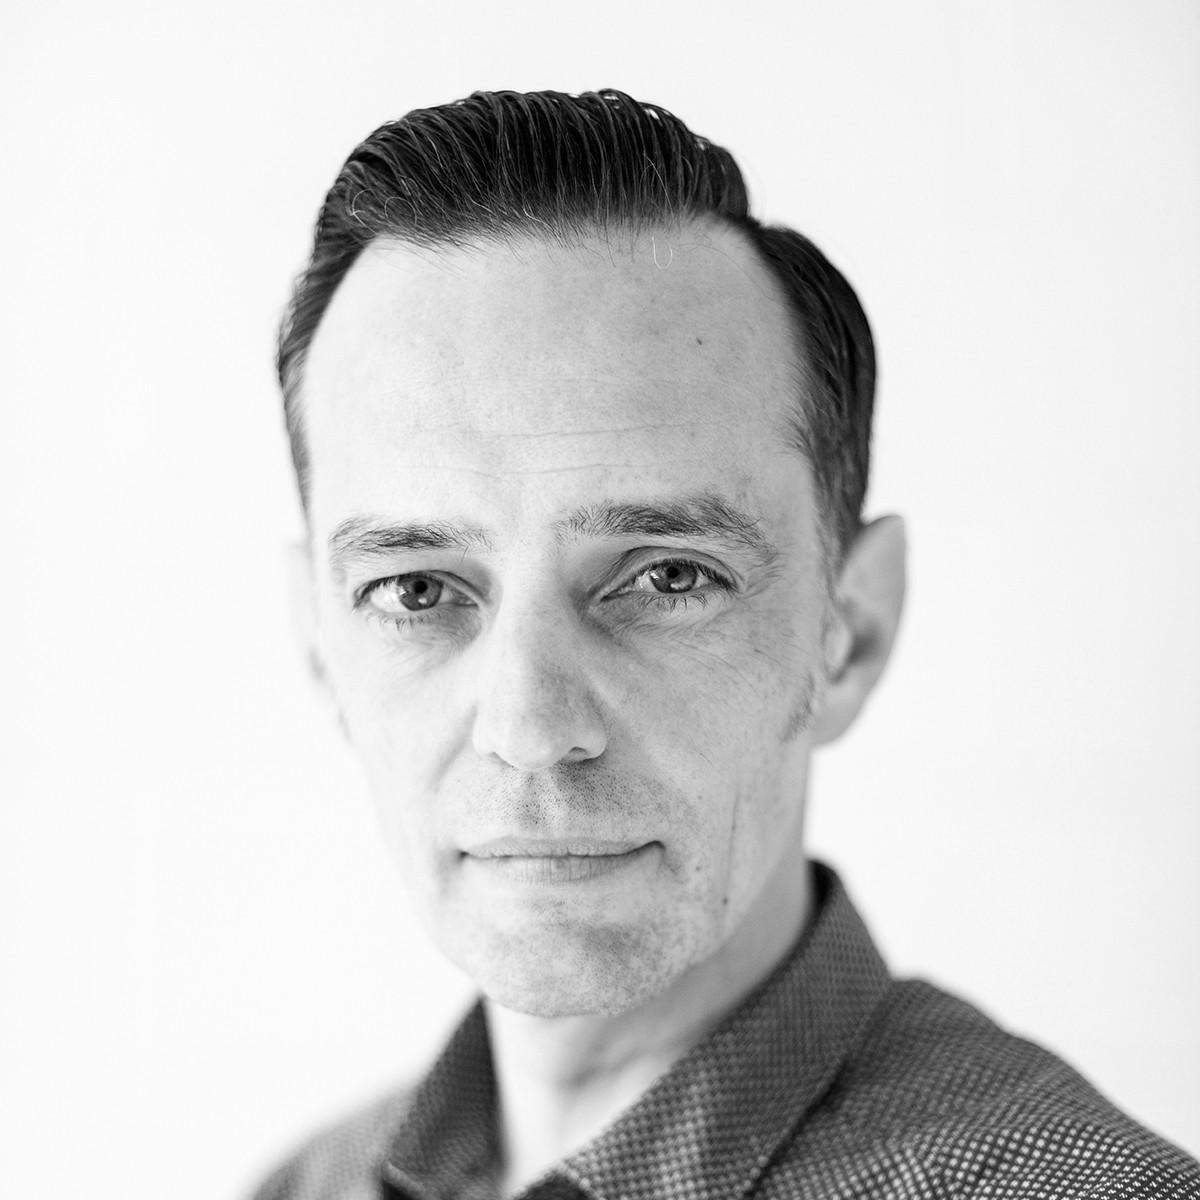 Johan Verhaegen